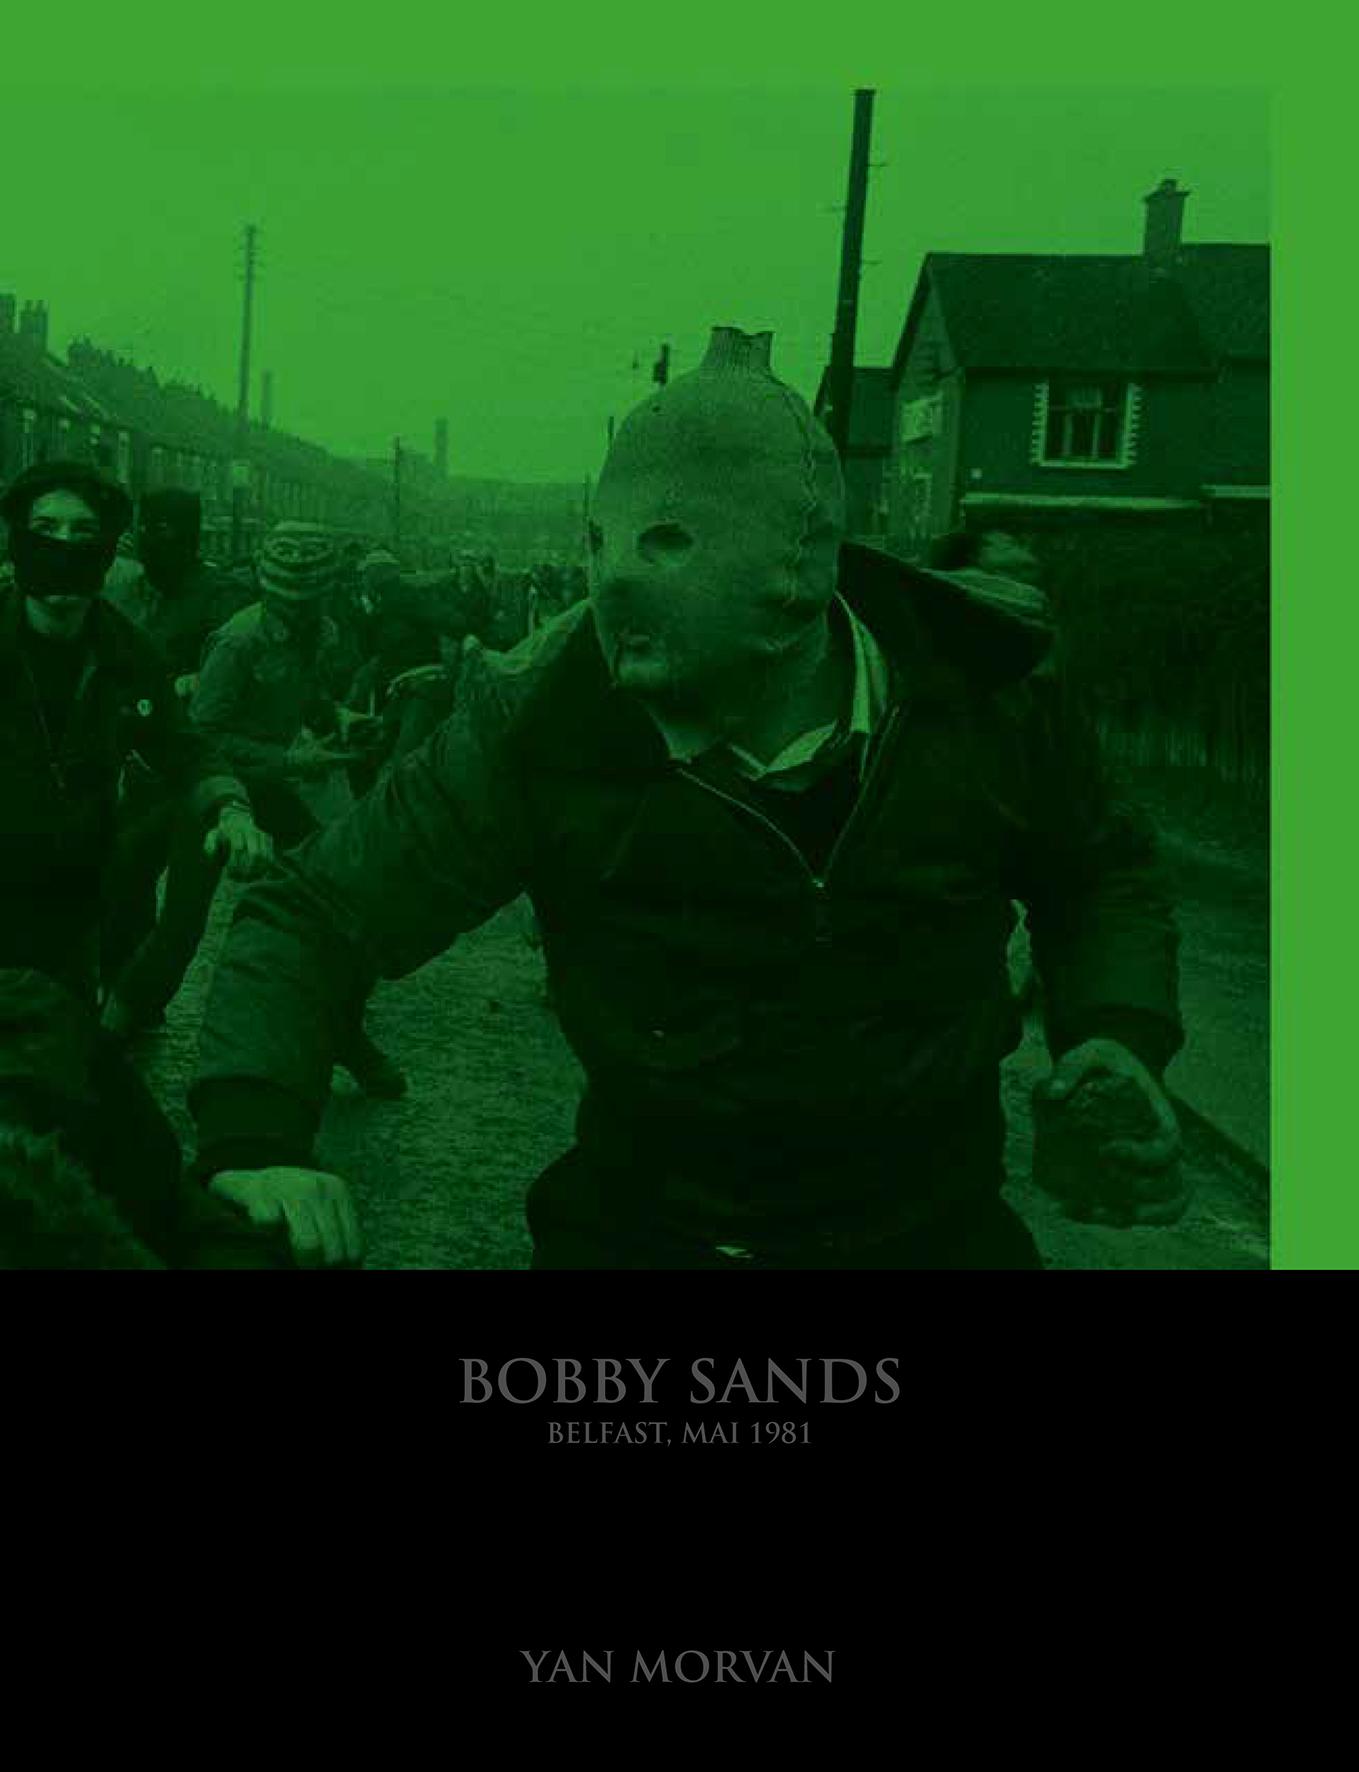 BOBBY SANDS, BELFAST MAI 1981 - BELFAST, MAI 1981